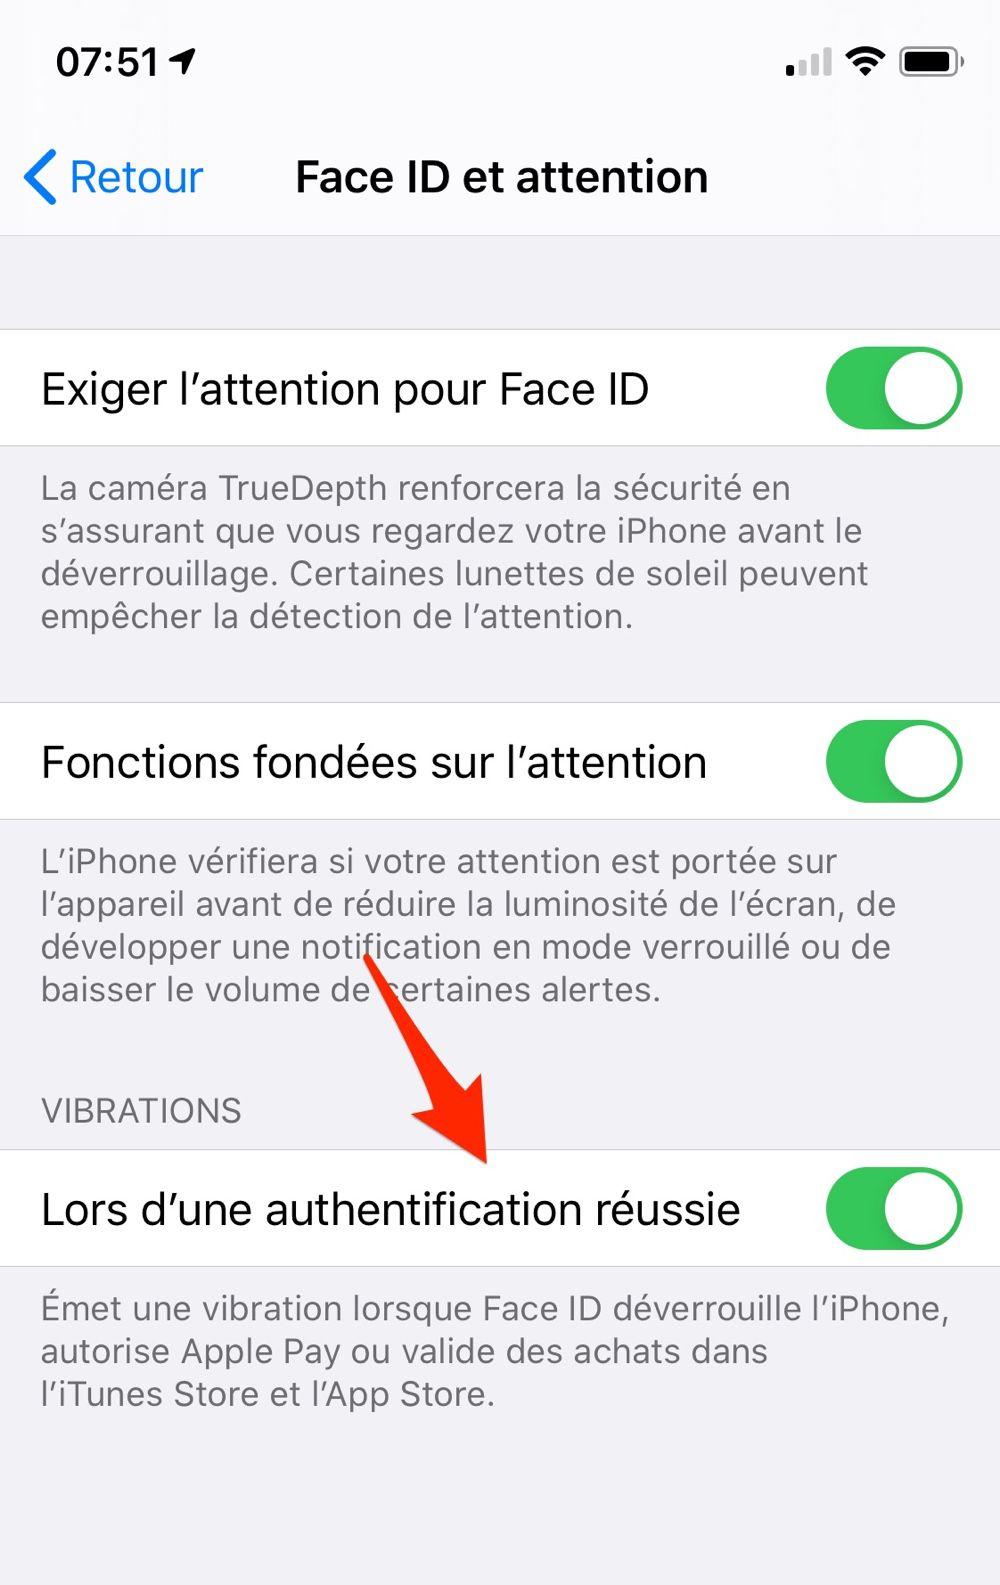 Un retour haptique astucieux lors du déverrouillage Face ID